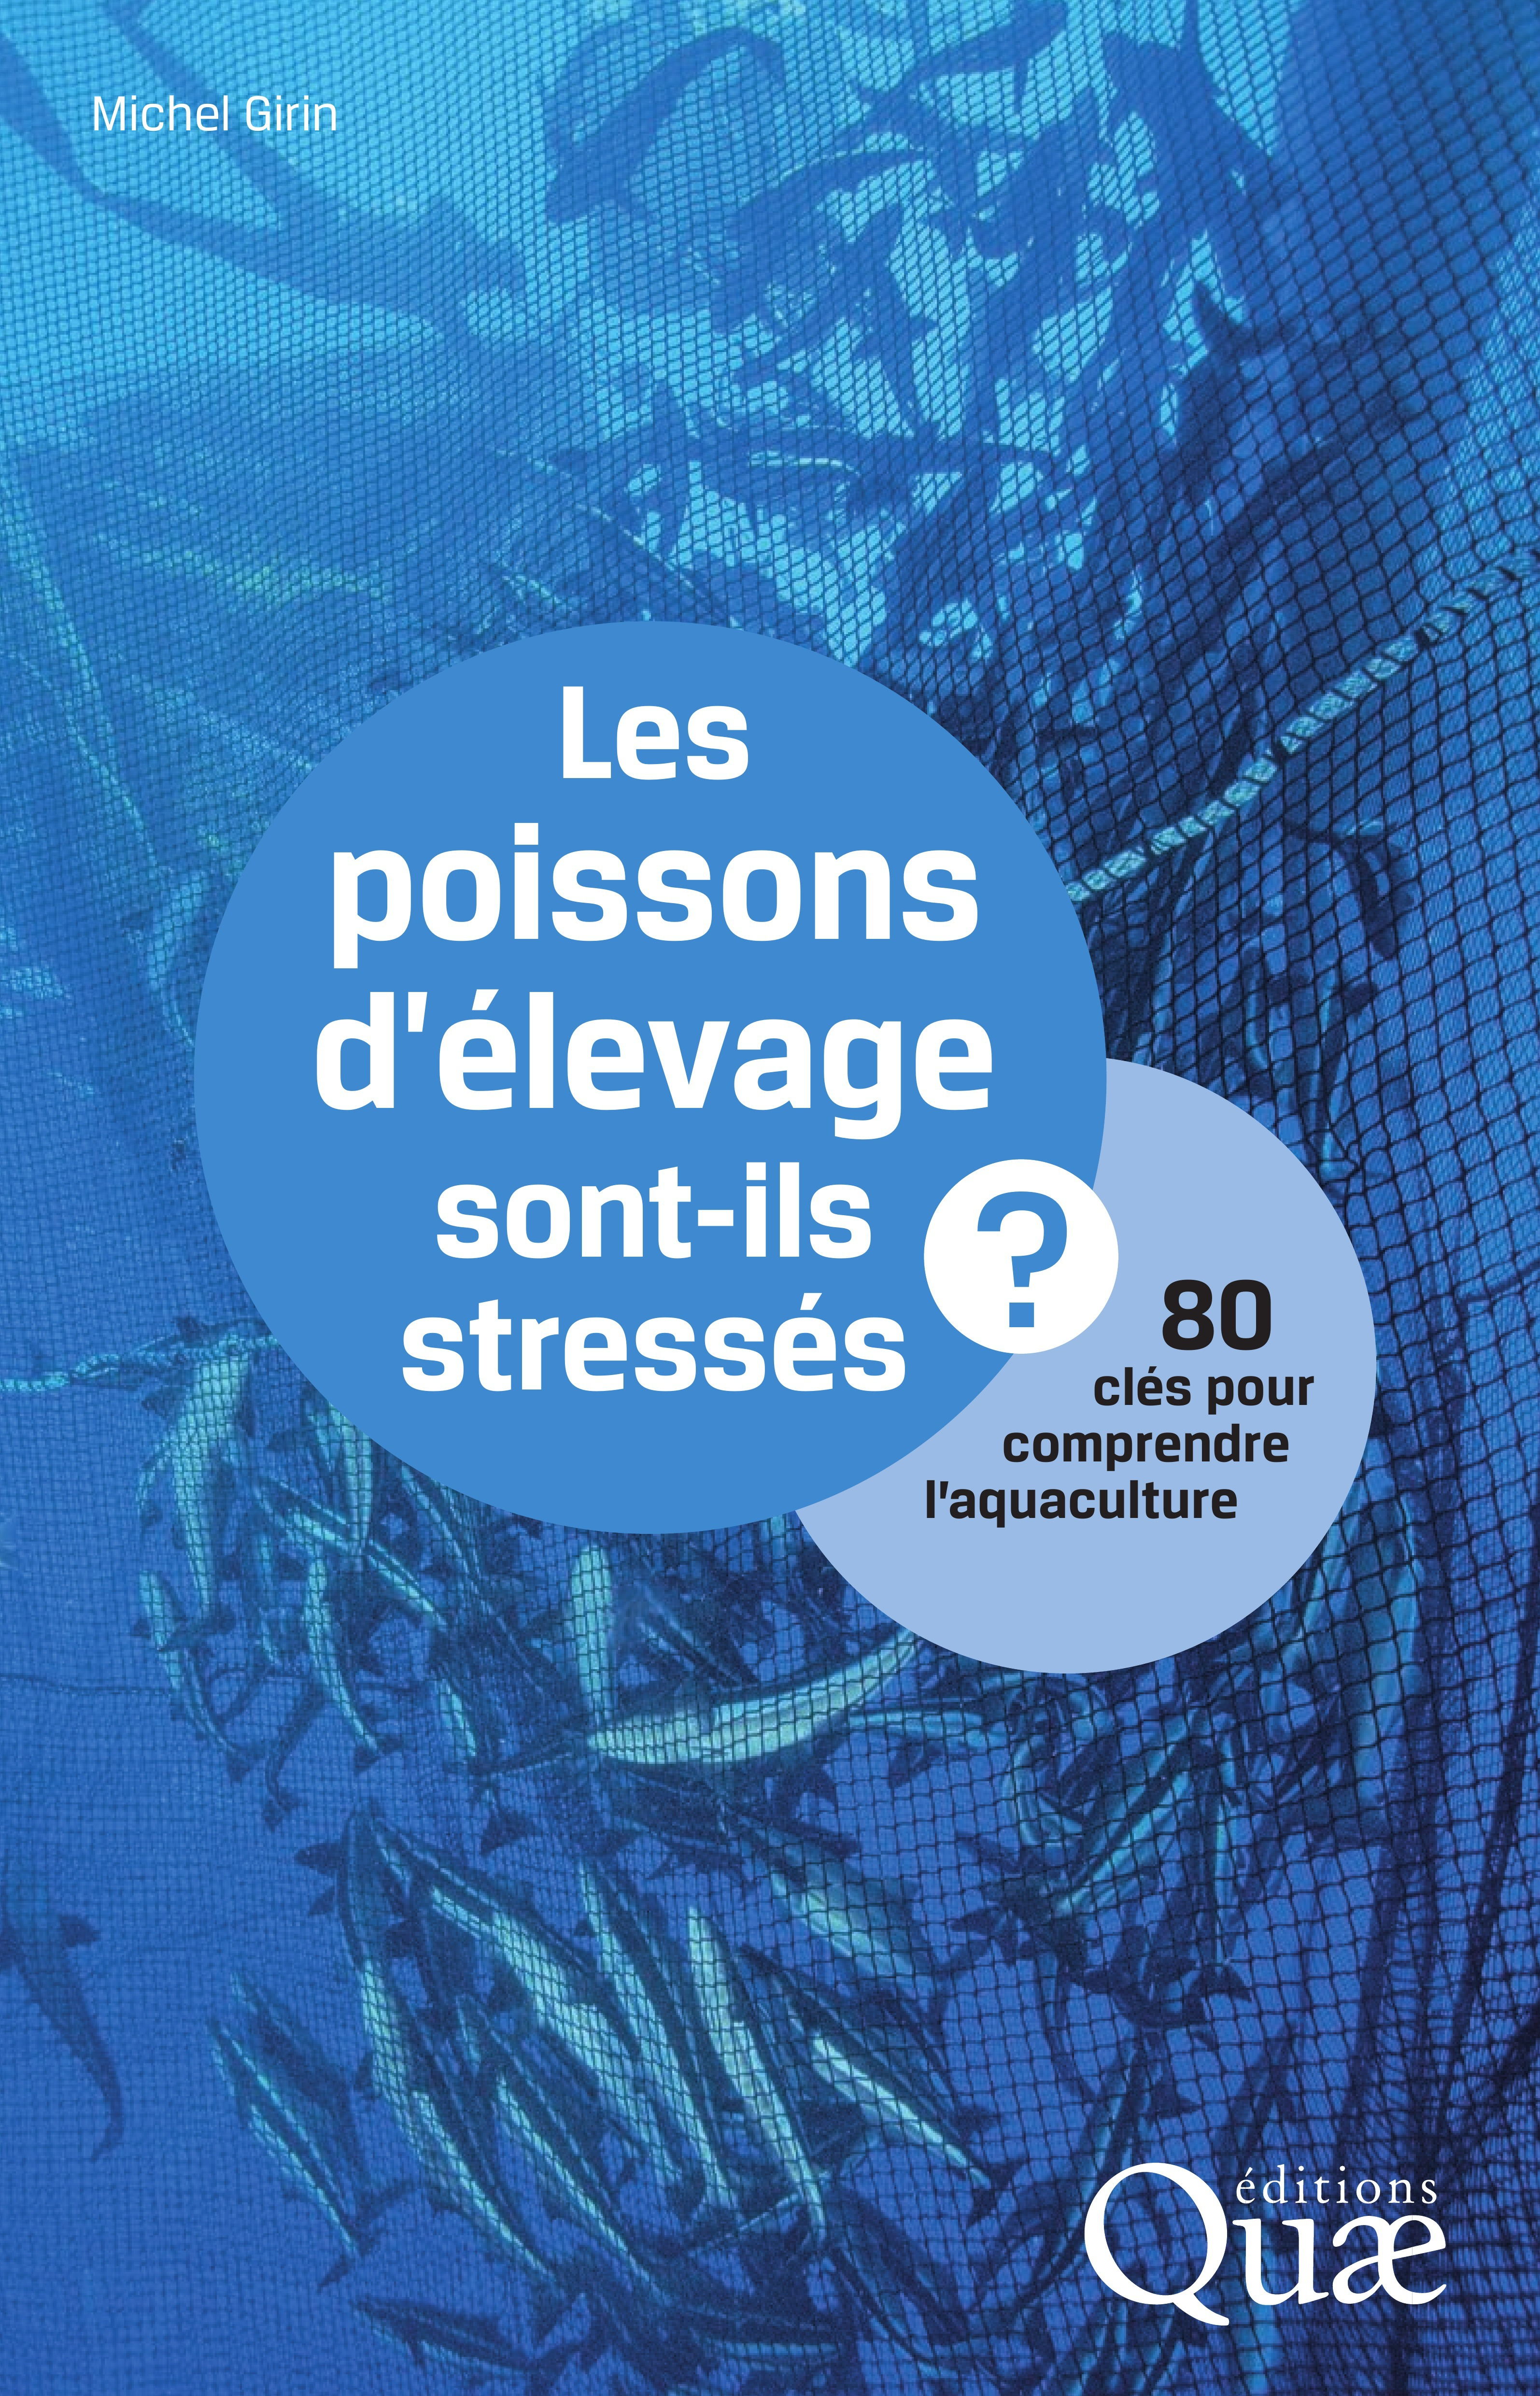 Les poissons d'élevage sont-ils stressés ?